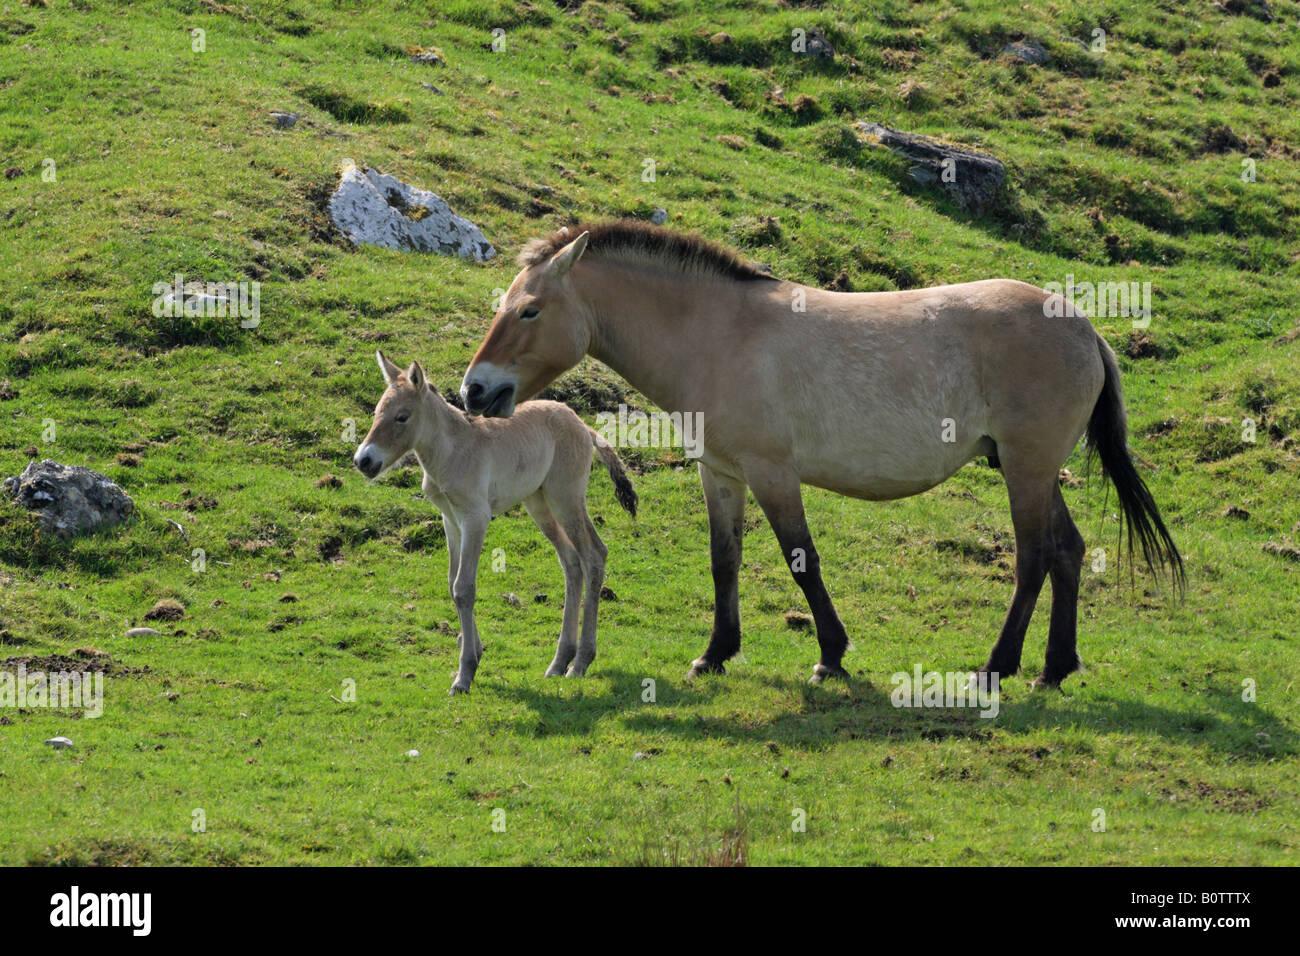 Newborn horse standing - photo#13